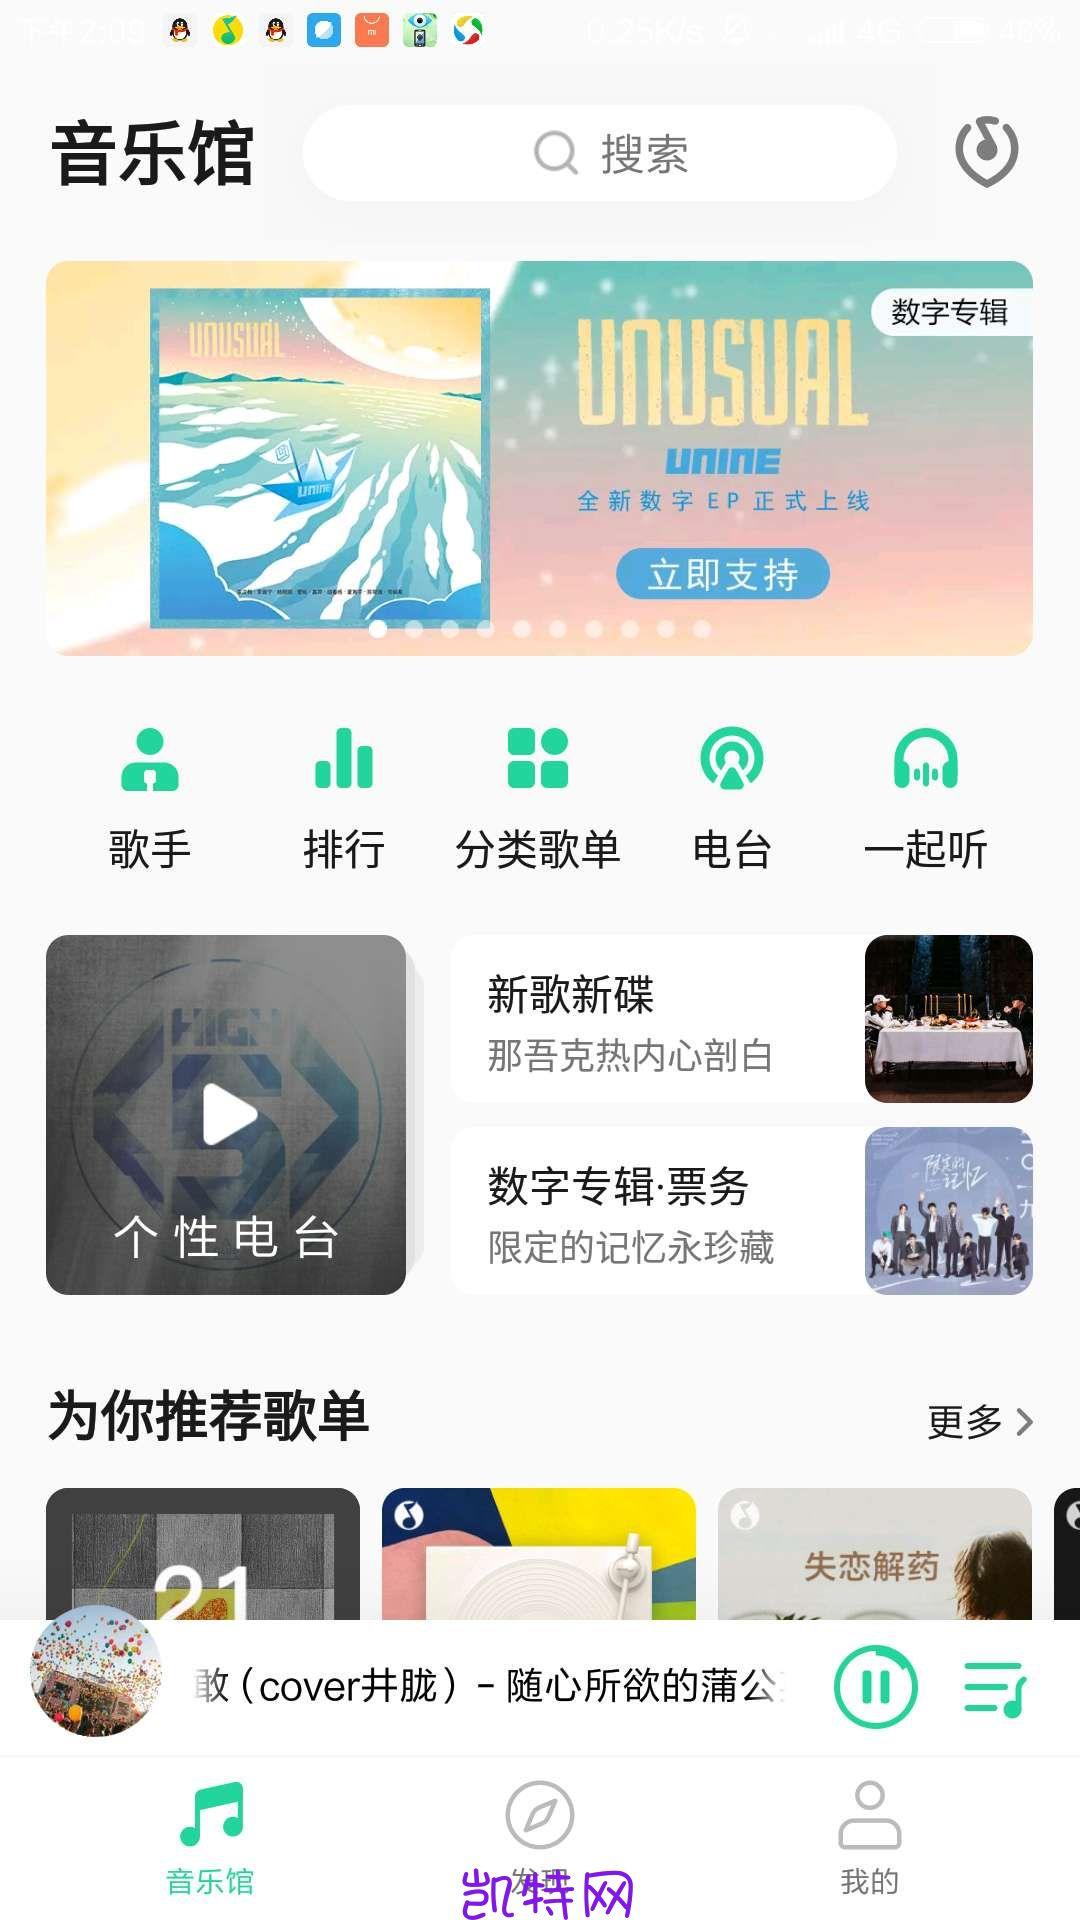 【分享】QQ音乐修改版,免费使用部分豪华绿钻特权!